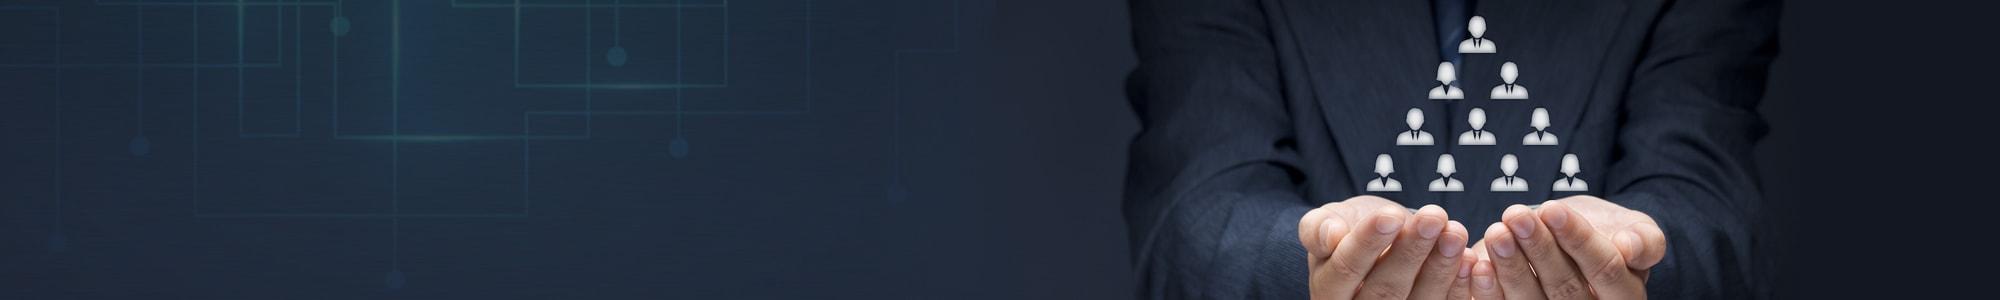 Soluções omnichannel em vendas e atendimento - EOX Tecnologia